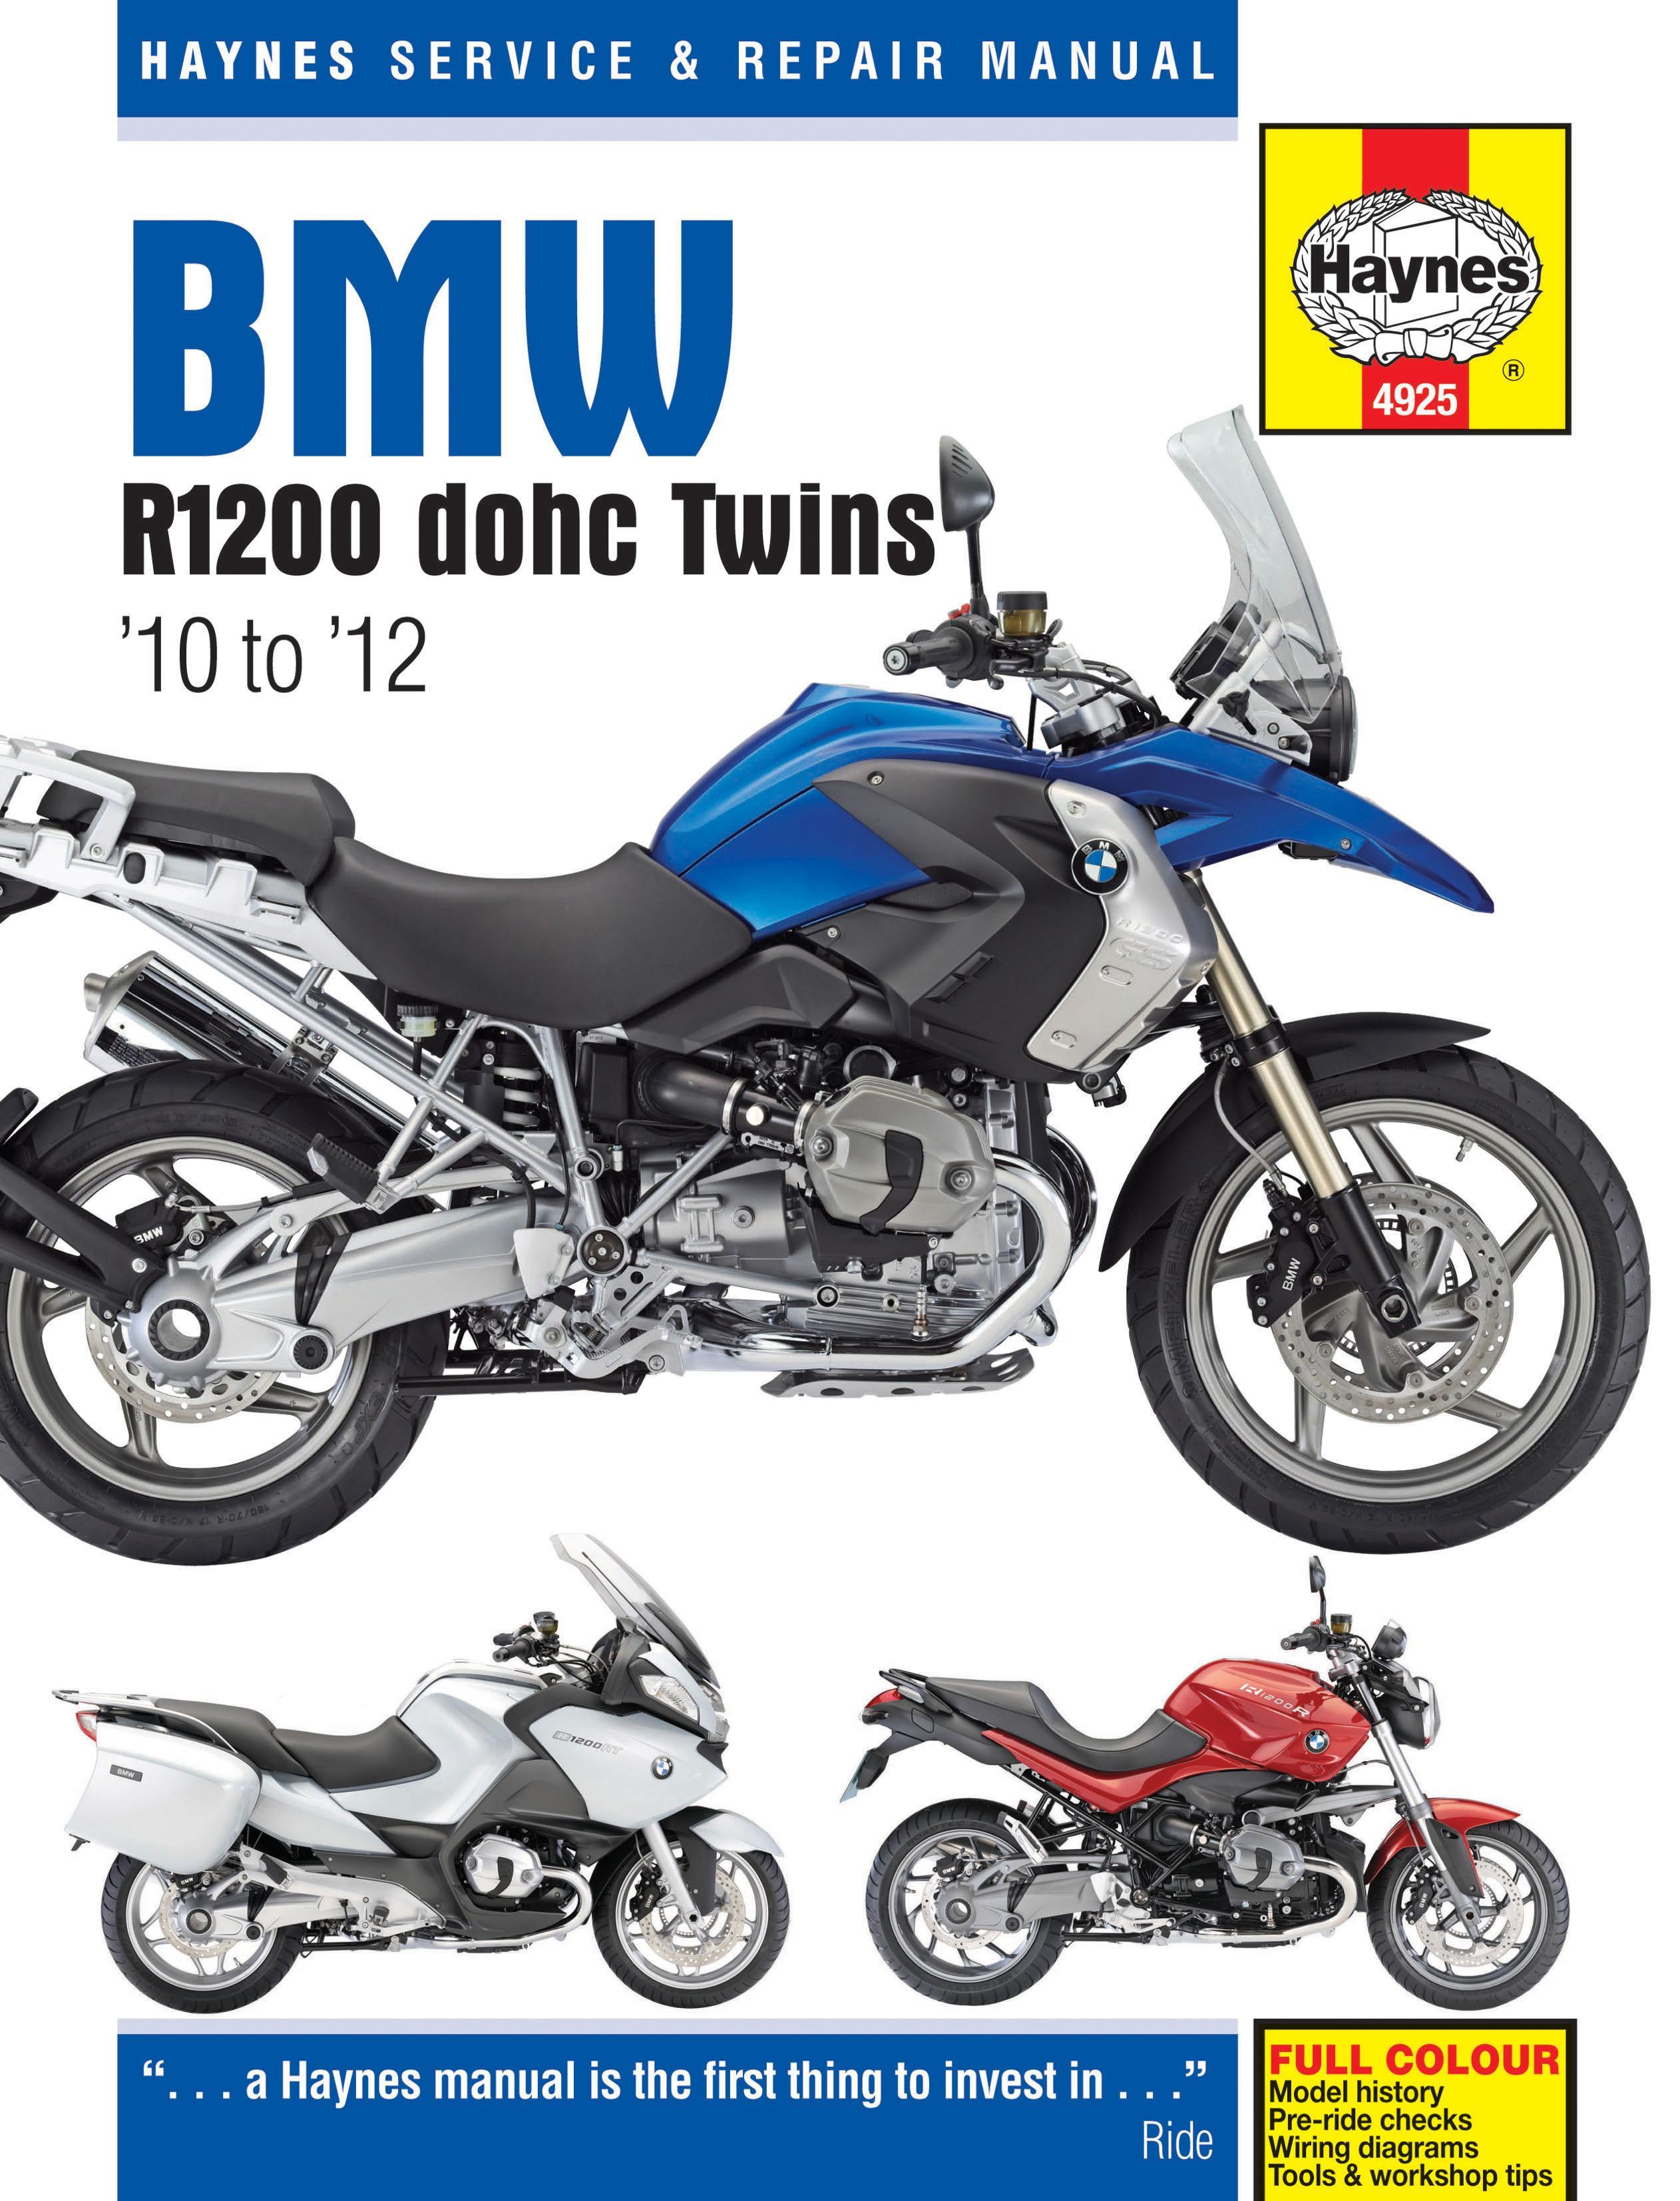 bmw 1150 rtp specifications motorcycles repair manual bezpo rednio importujemy motocykle skutery z zagranicznych zaufanych salon w  [ 2524 x 3307 Pixel ]